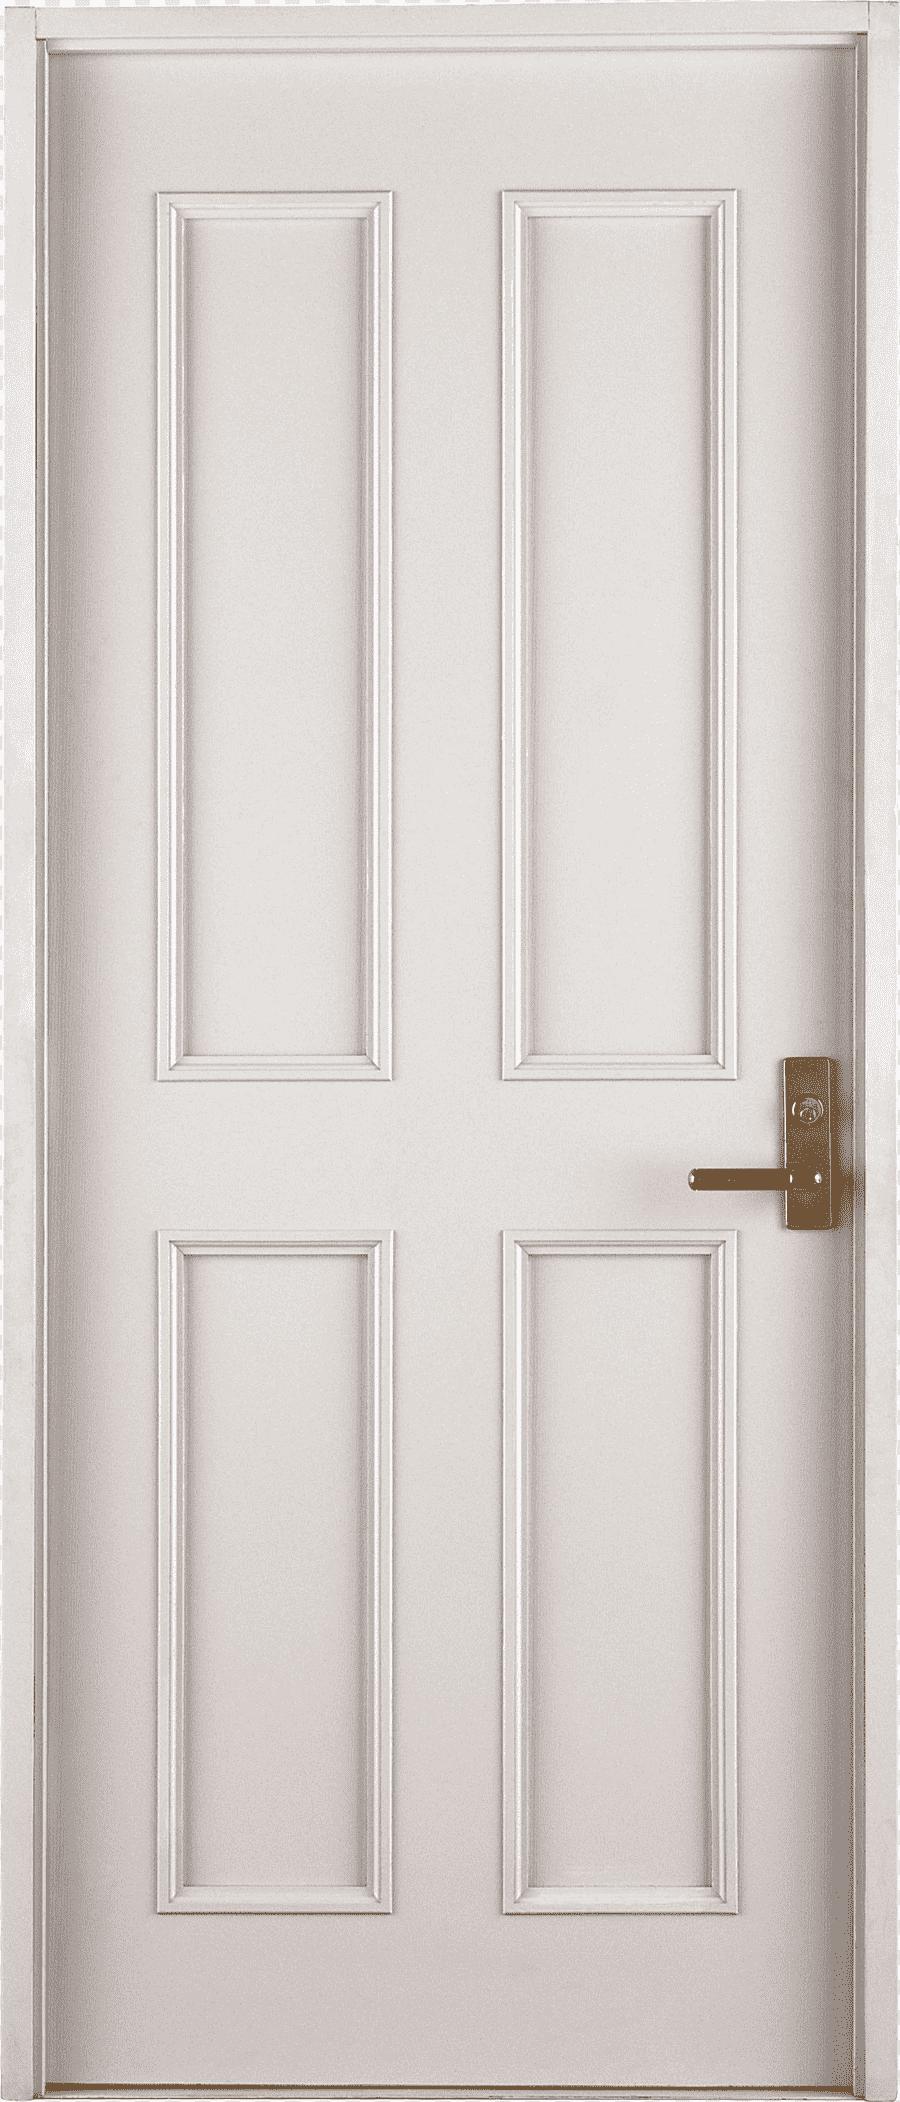 White Wooden 4 Panel Door Door Room Interior Design Services Door Angle White Png